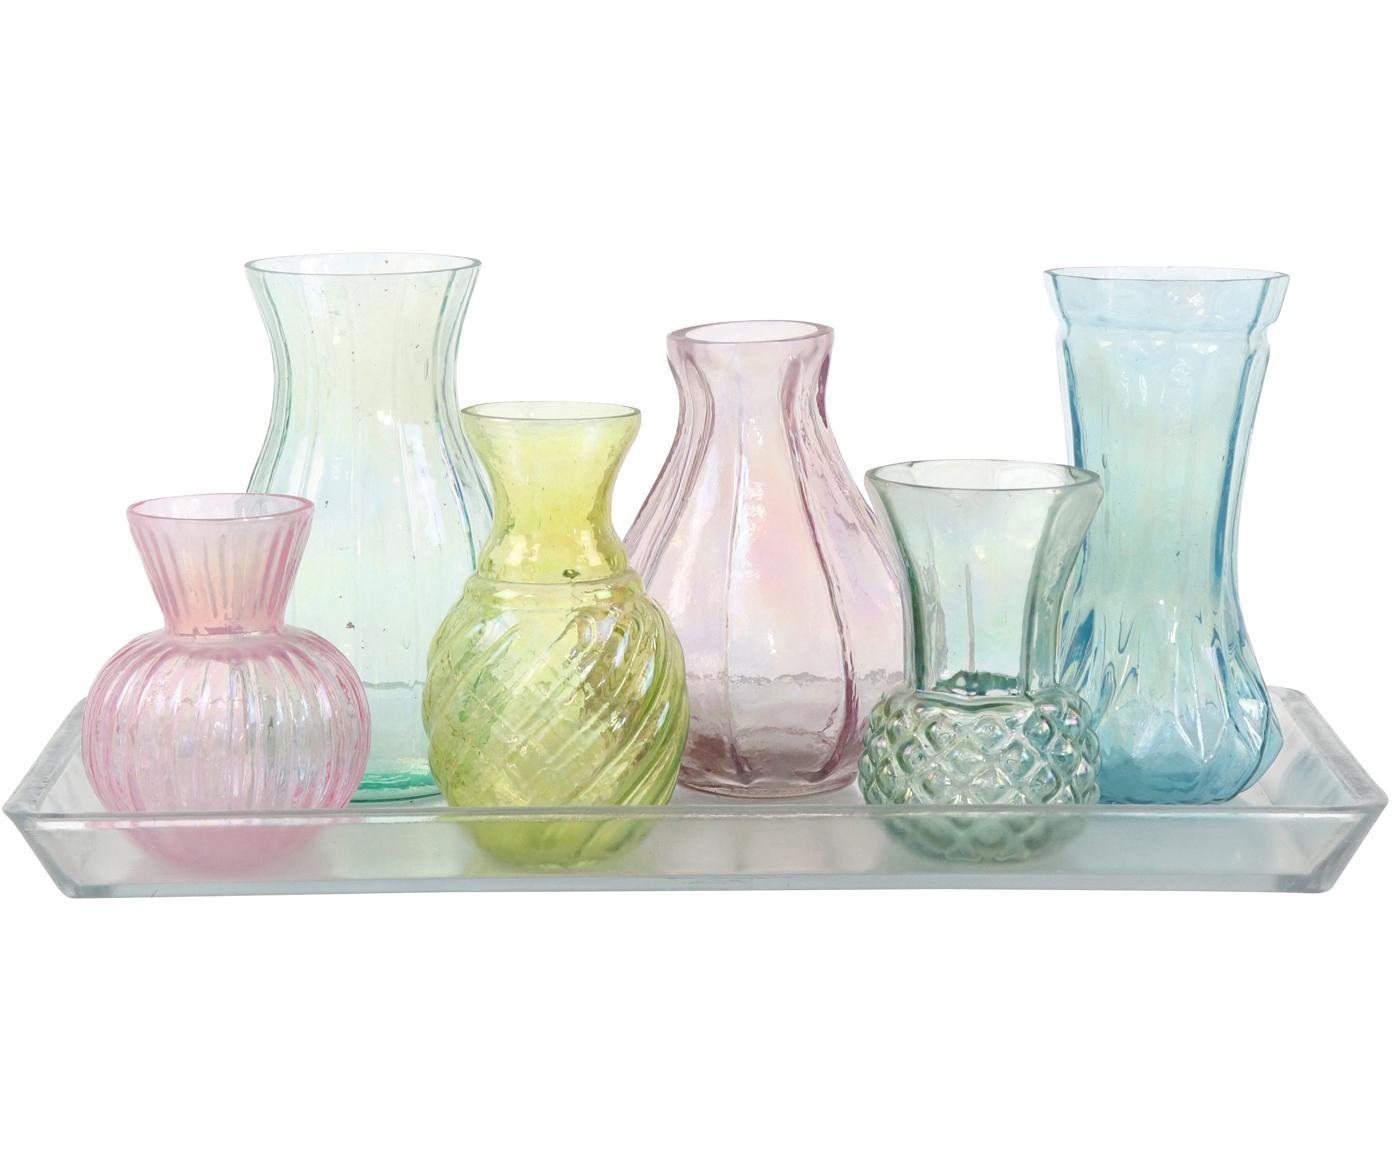 Glazen vazenset Poesie, 7-delig, Glas, Multicolour, Verschillende formaten